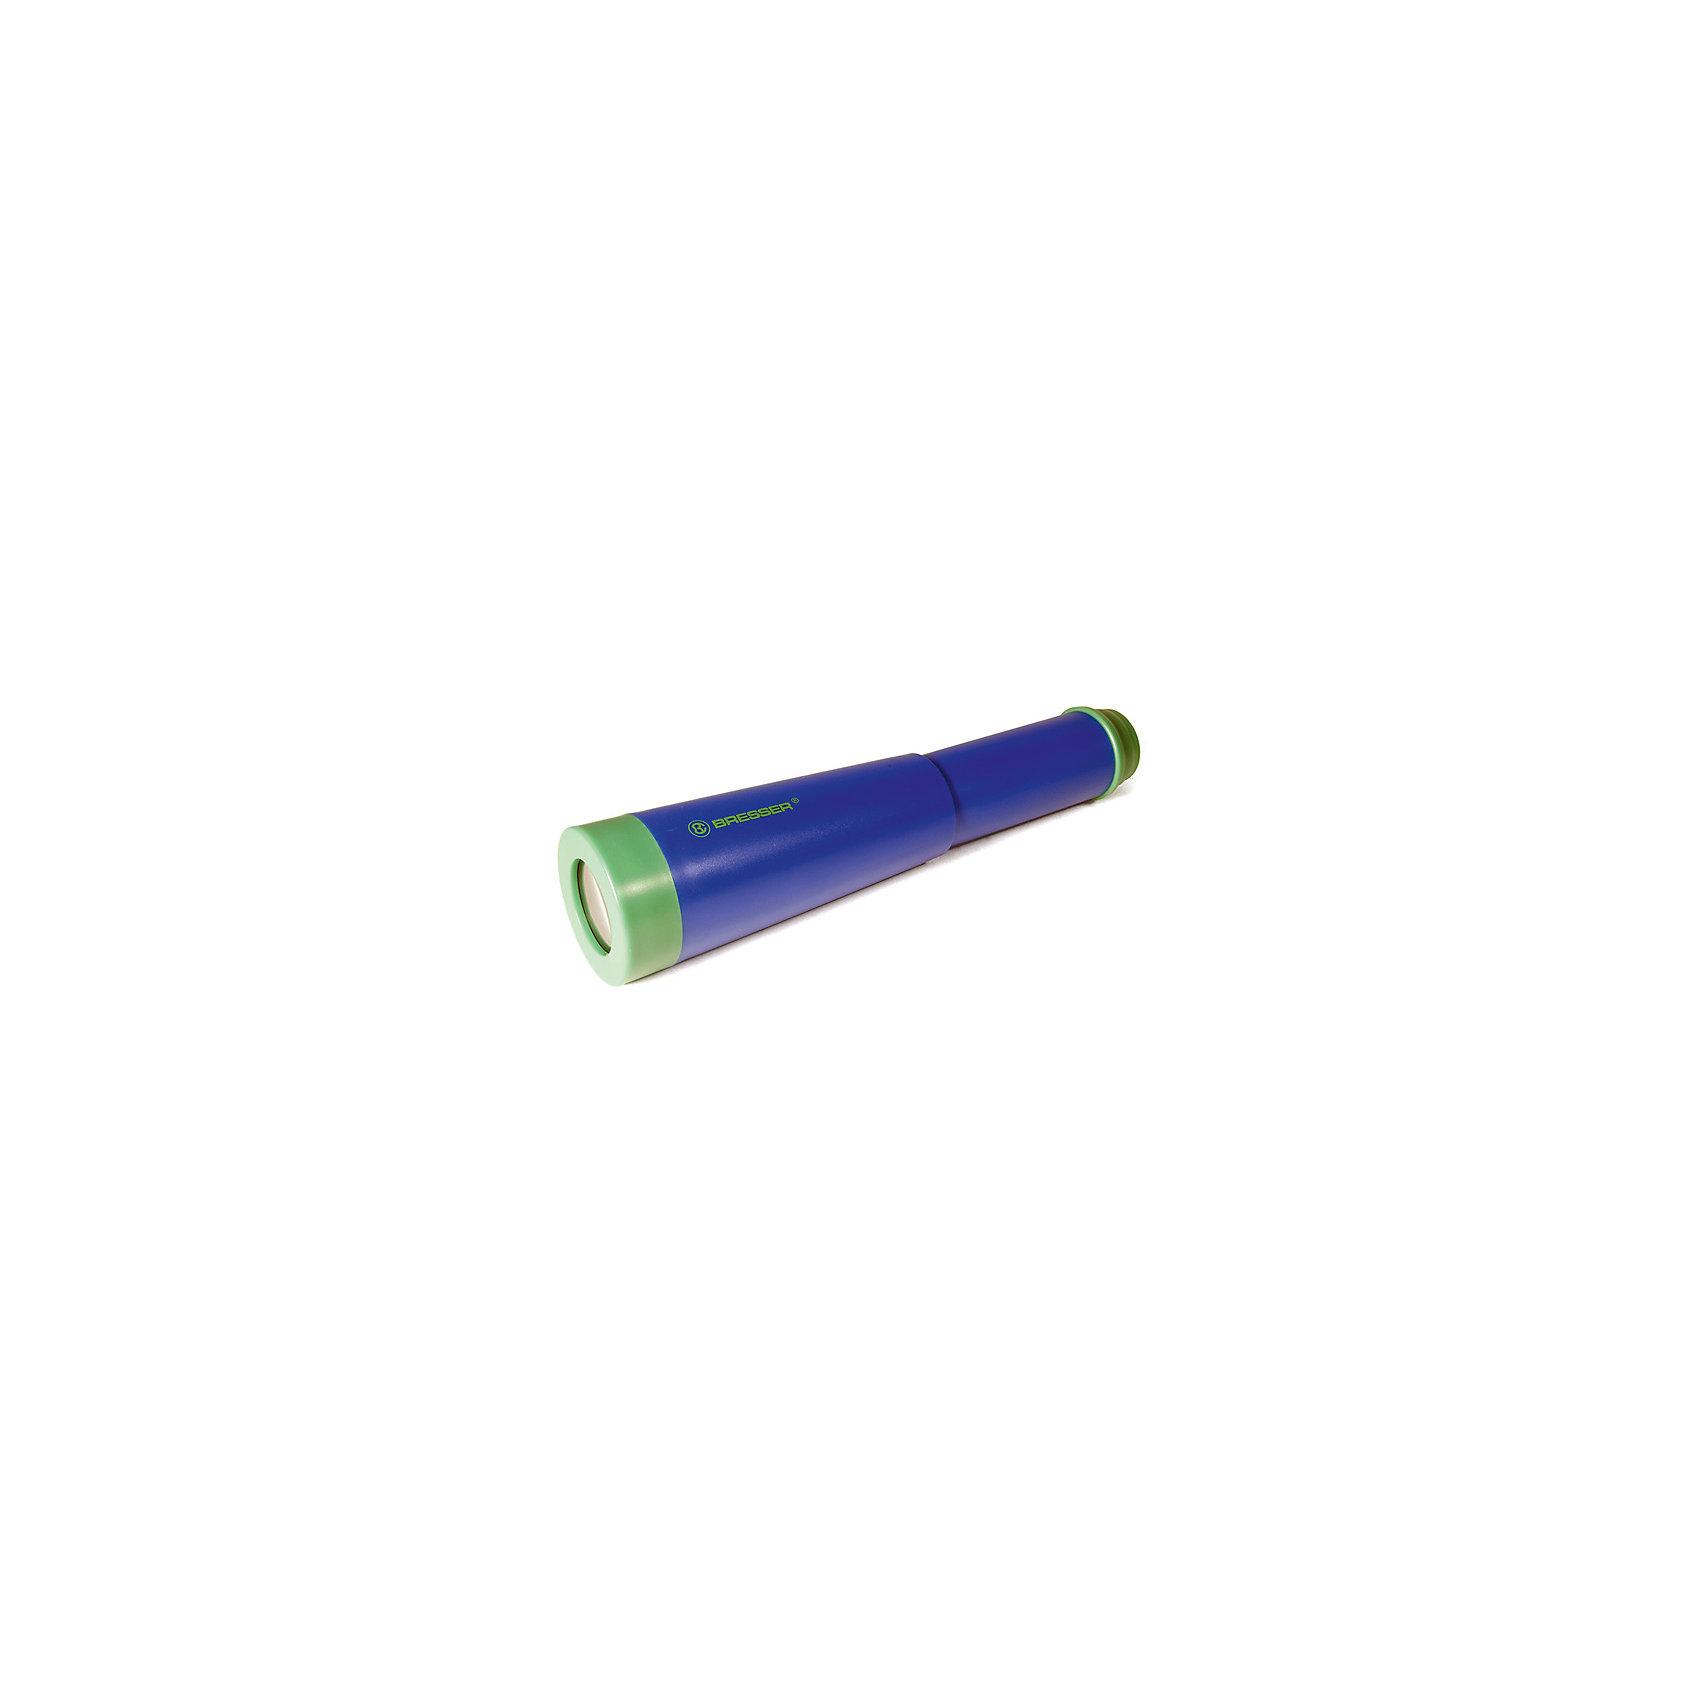 Зрительная труба Bresser Junior 8x32Характеристики товара:<br><br>• материал: пластик<br>• увеличение: до 8 крат<br>• диаметр объектива (апертура), мм 32<br>• легкий корпус<br>• тип призмы: roof<br>• размер упаковки: 20x5x5 см<br>• вес: 100 г<br>• страна бренда: Германия<br><br>Зрительная труба - это отличный способ заинтересовать ребенка наблюдениями и привить ему интерес к учебе. Эта модель была разработана специально для детей - он позволяет увеличивать предметы до 8 крат. Благодаря легкому и прочному корпусу трубу удобно брать с собой!<br><br>Оптические приборы от немецкой компании Bresser уже успели зарекомендовать себя как качественная и надежная продукция. Для их производства используются только безопасные и проверенные материалы. Такой прибор способен прослужить долго. Подарите ребенку интересную и полезную вещь!<br><br>Зрительную трубу Bresser Junior 8x32 от известного бренда Bresser (Брессер) можно купить в нашем интернет-магазине.<br><br>Ширина мм: 55<br>Глубина мм: 200<br>Высота мм: 55<br>Вес г: 160<br>Возраст от месяцев: 60<br>Возраст до месяцев: 2147483647<br>Пол: Унисекс<br>Возраст: Детский<br>SKU: 5435312